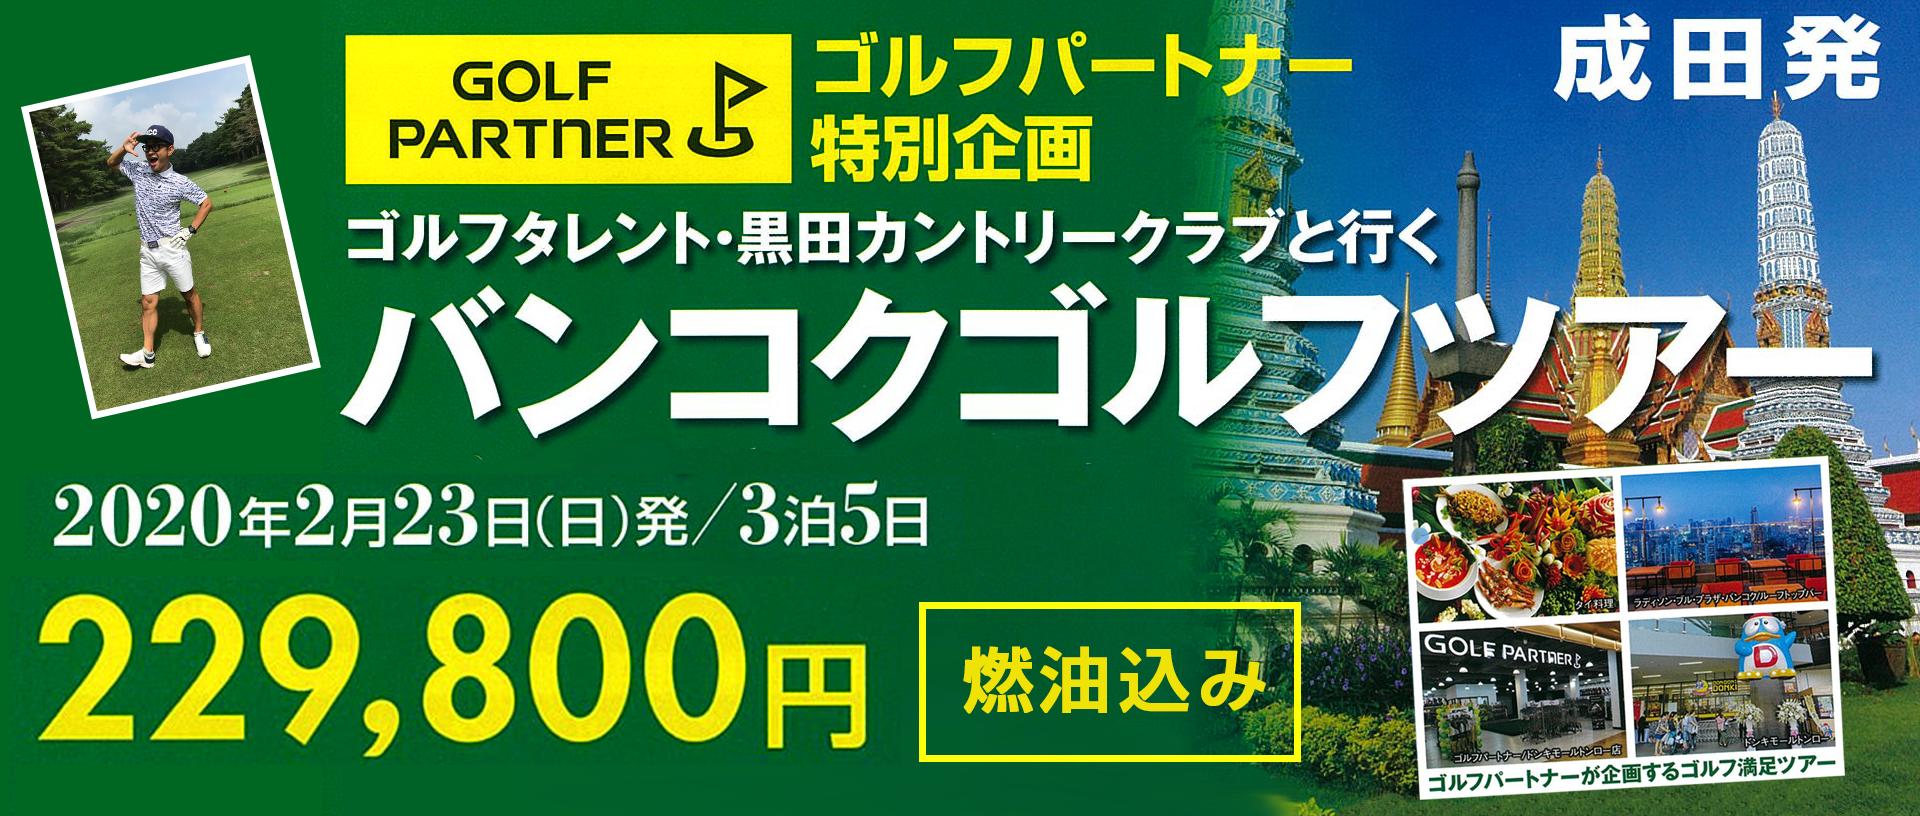 ゴルフパートナー特別企画 ゴルフタレント 黒田カントリークラブと行く バンコクゴルフツアー